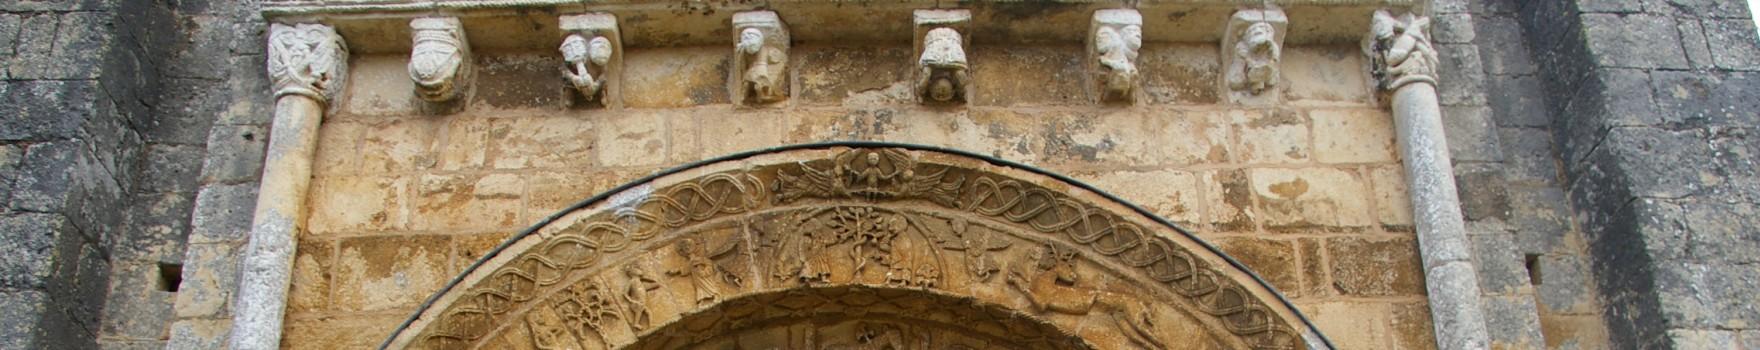 Eglises - Dordogne